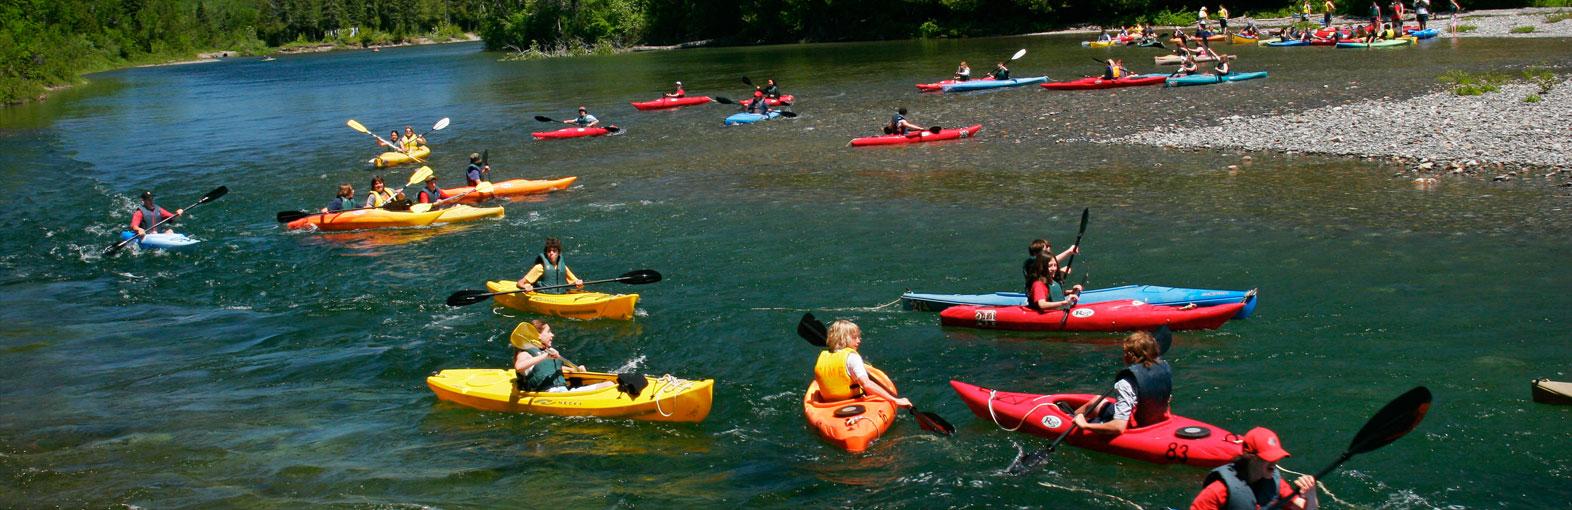 Kayak sur le trajet Familial, Cime Aventures